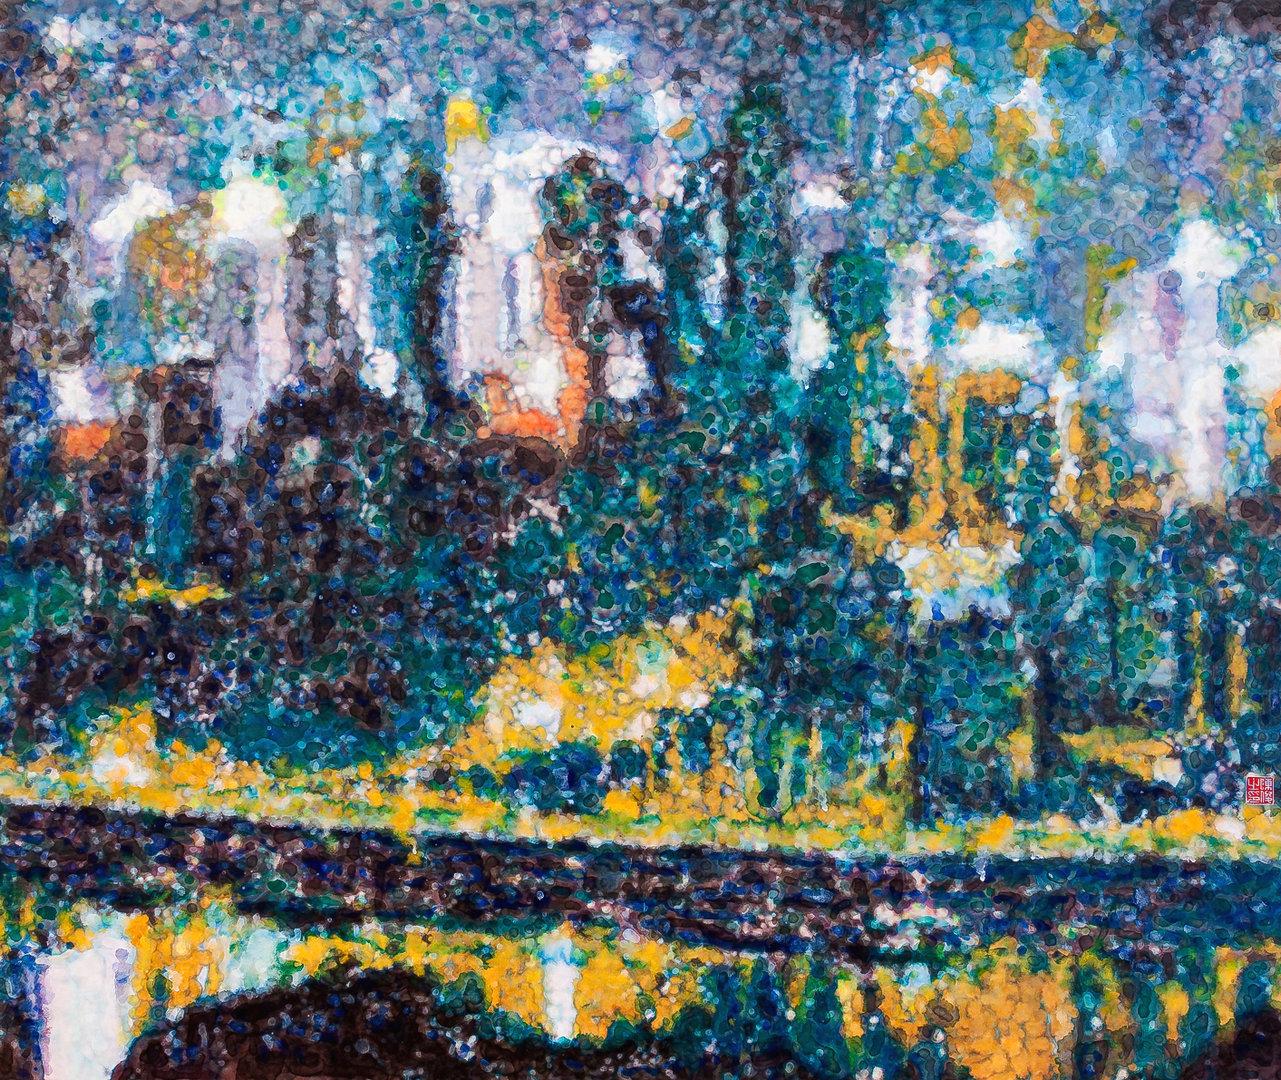 《倾城夜语NO6》100×120cm 宣纸 水墨 丙烯 2011年